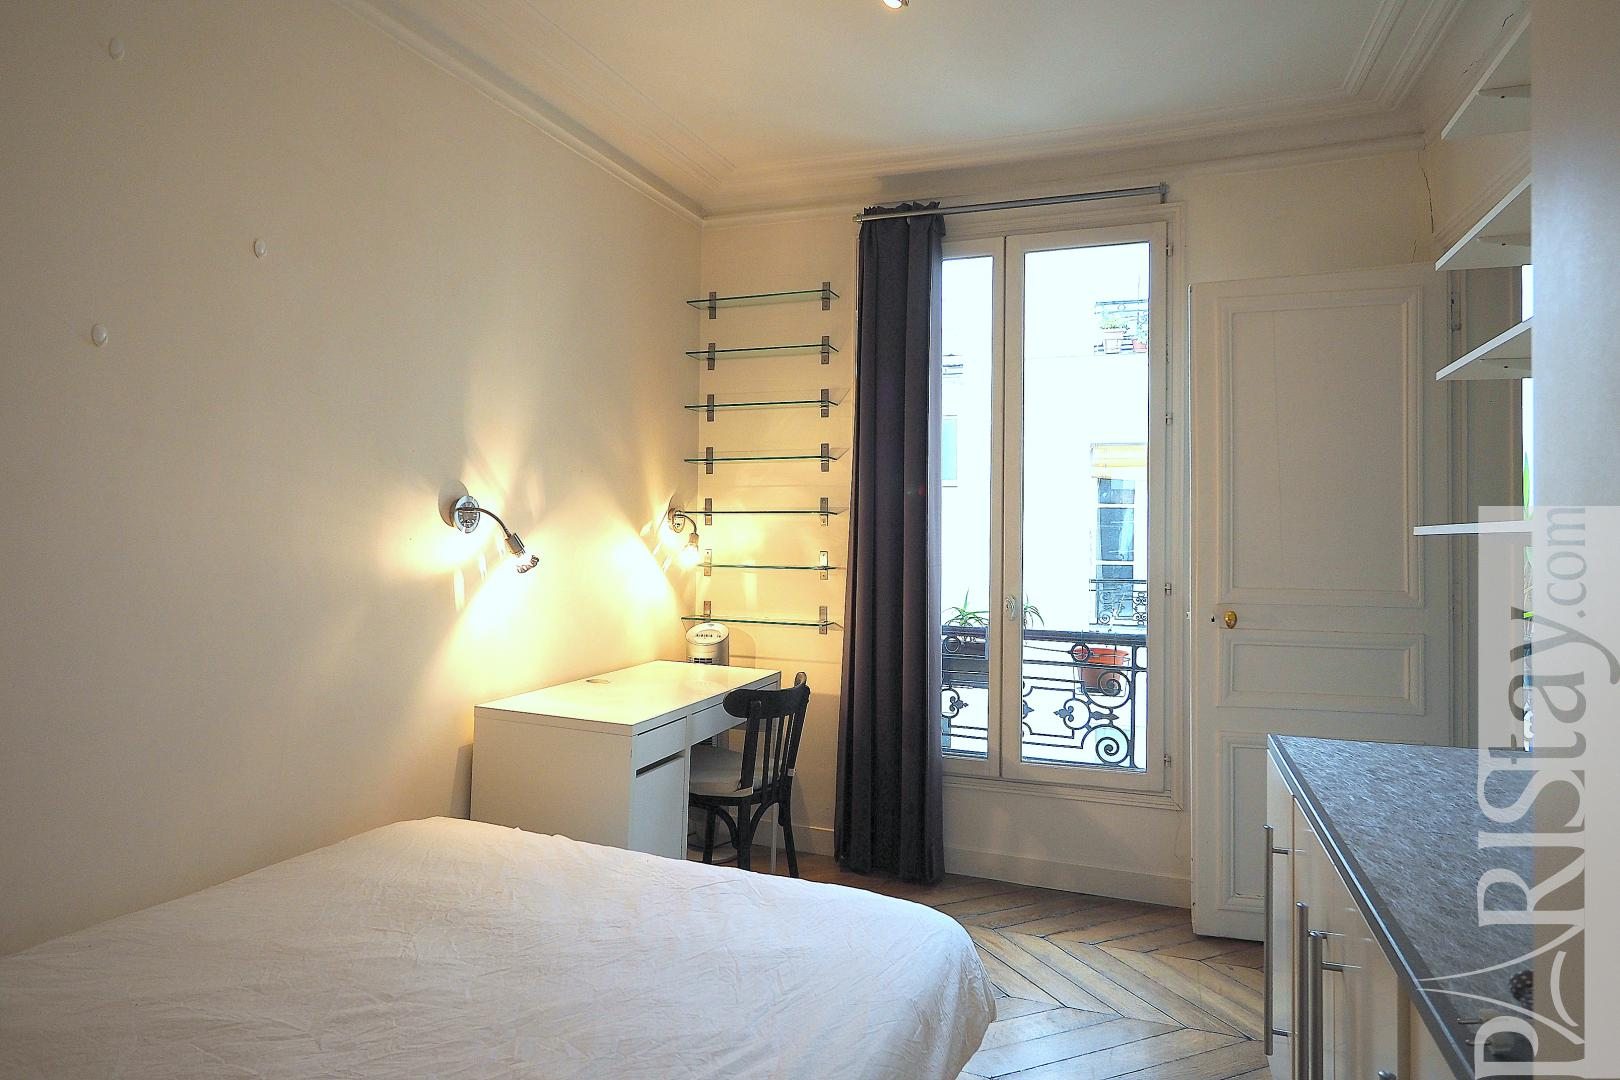 Appartement meuble a louer a paris t2 montorgueil for Appartement a louer meuble paris